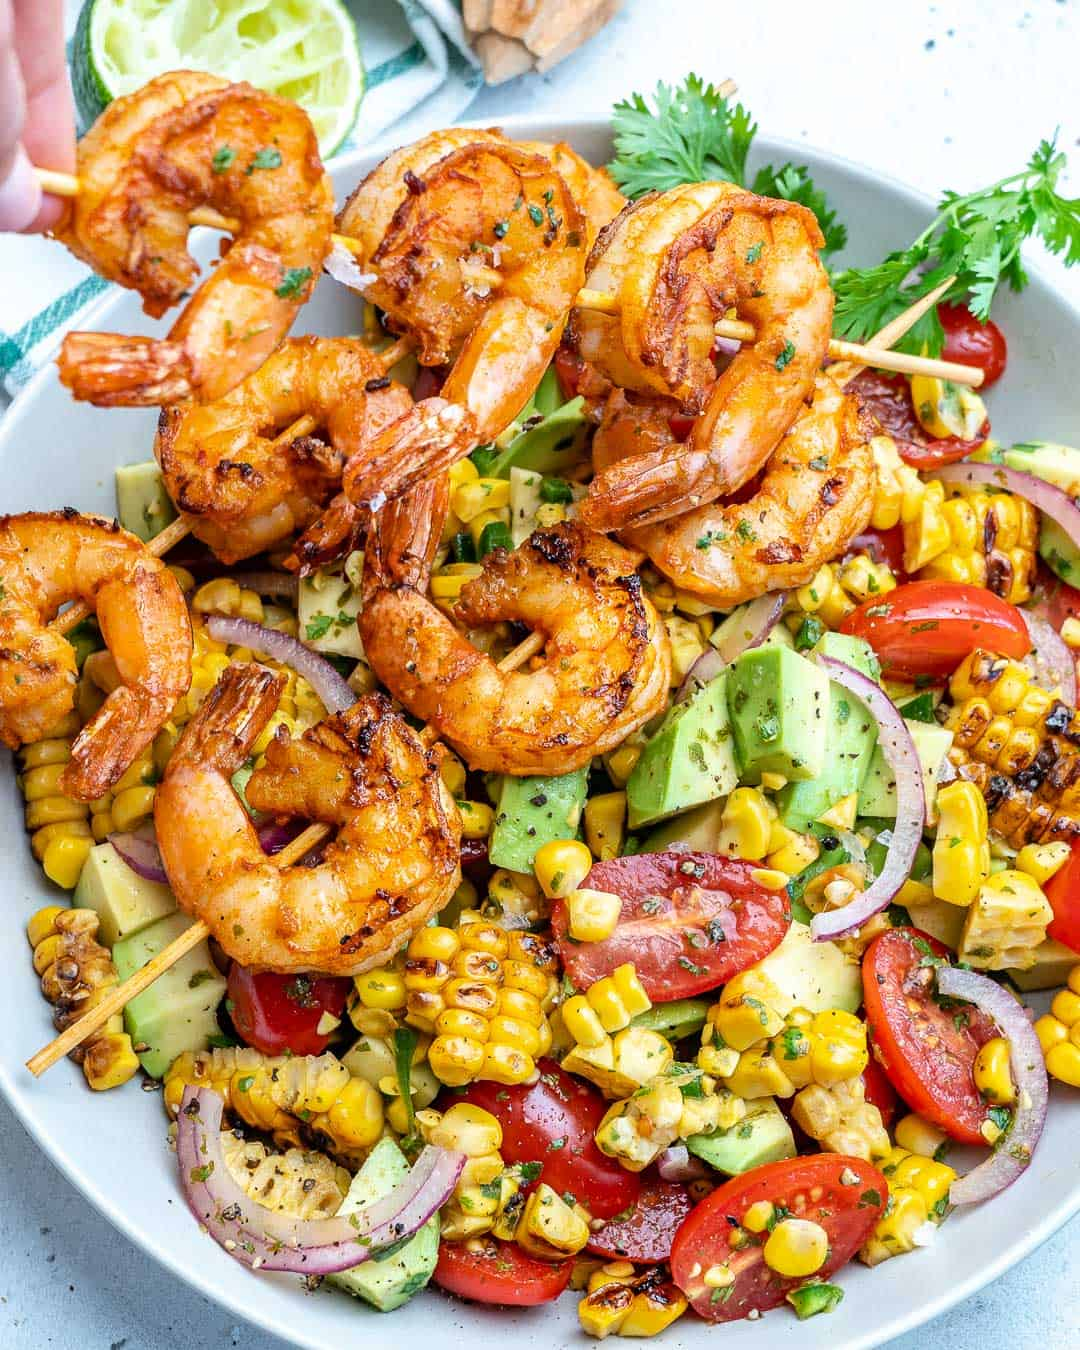 holding shrimp skewer over corn salad